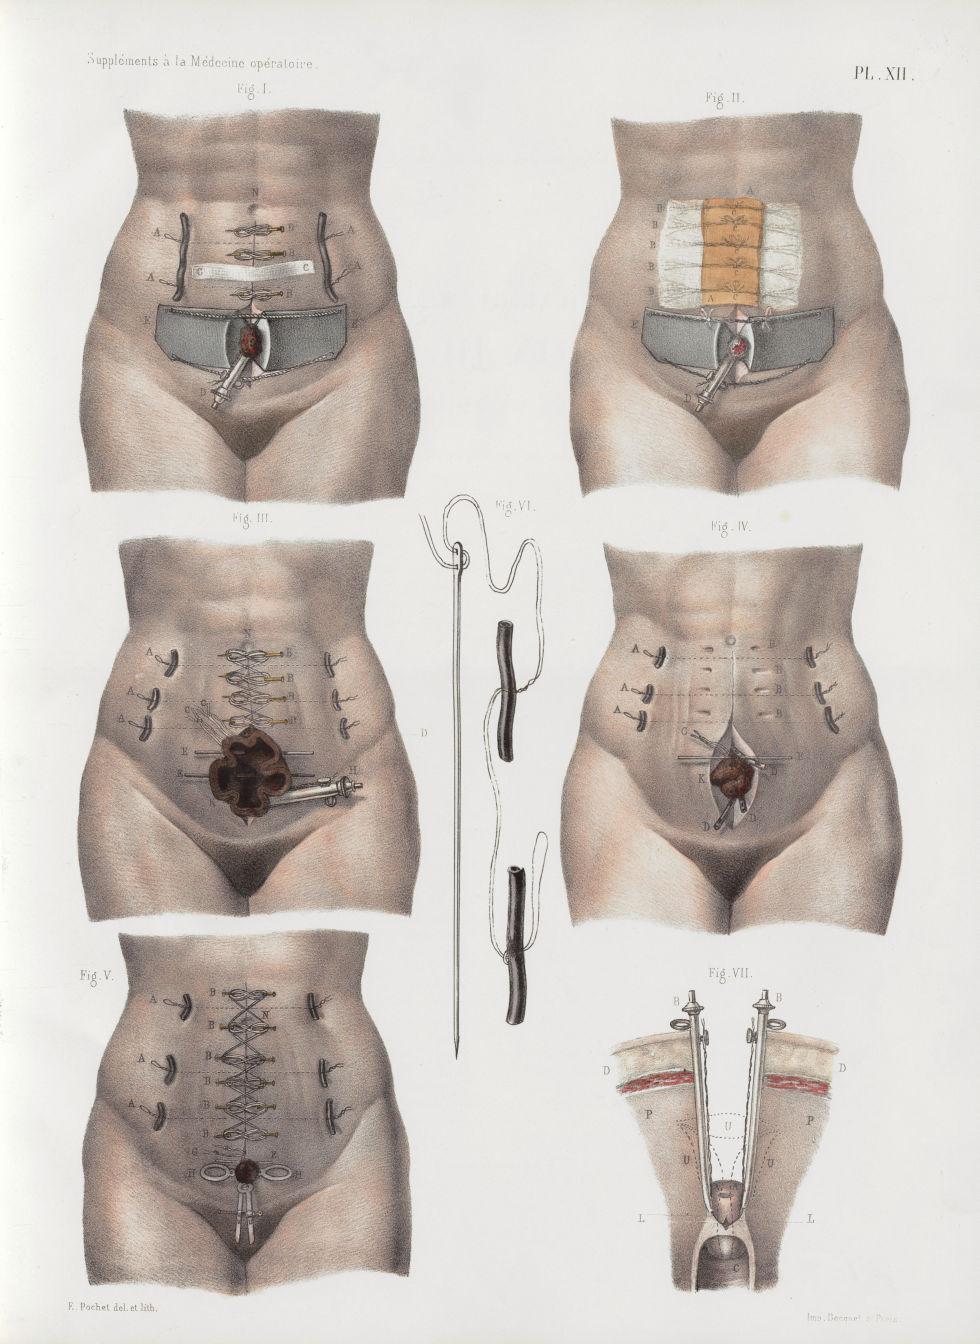 Planche XII - Ovariotomie ; amputation de l'utérus par la gastrotomie ; procédé de M. Koeberlé - Tra [...] - Anatomie humaine. Chirurgie. Organes génito-urinaires. 19e siècle - med02083x07bisx0170